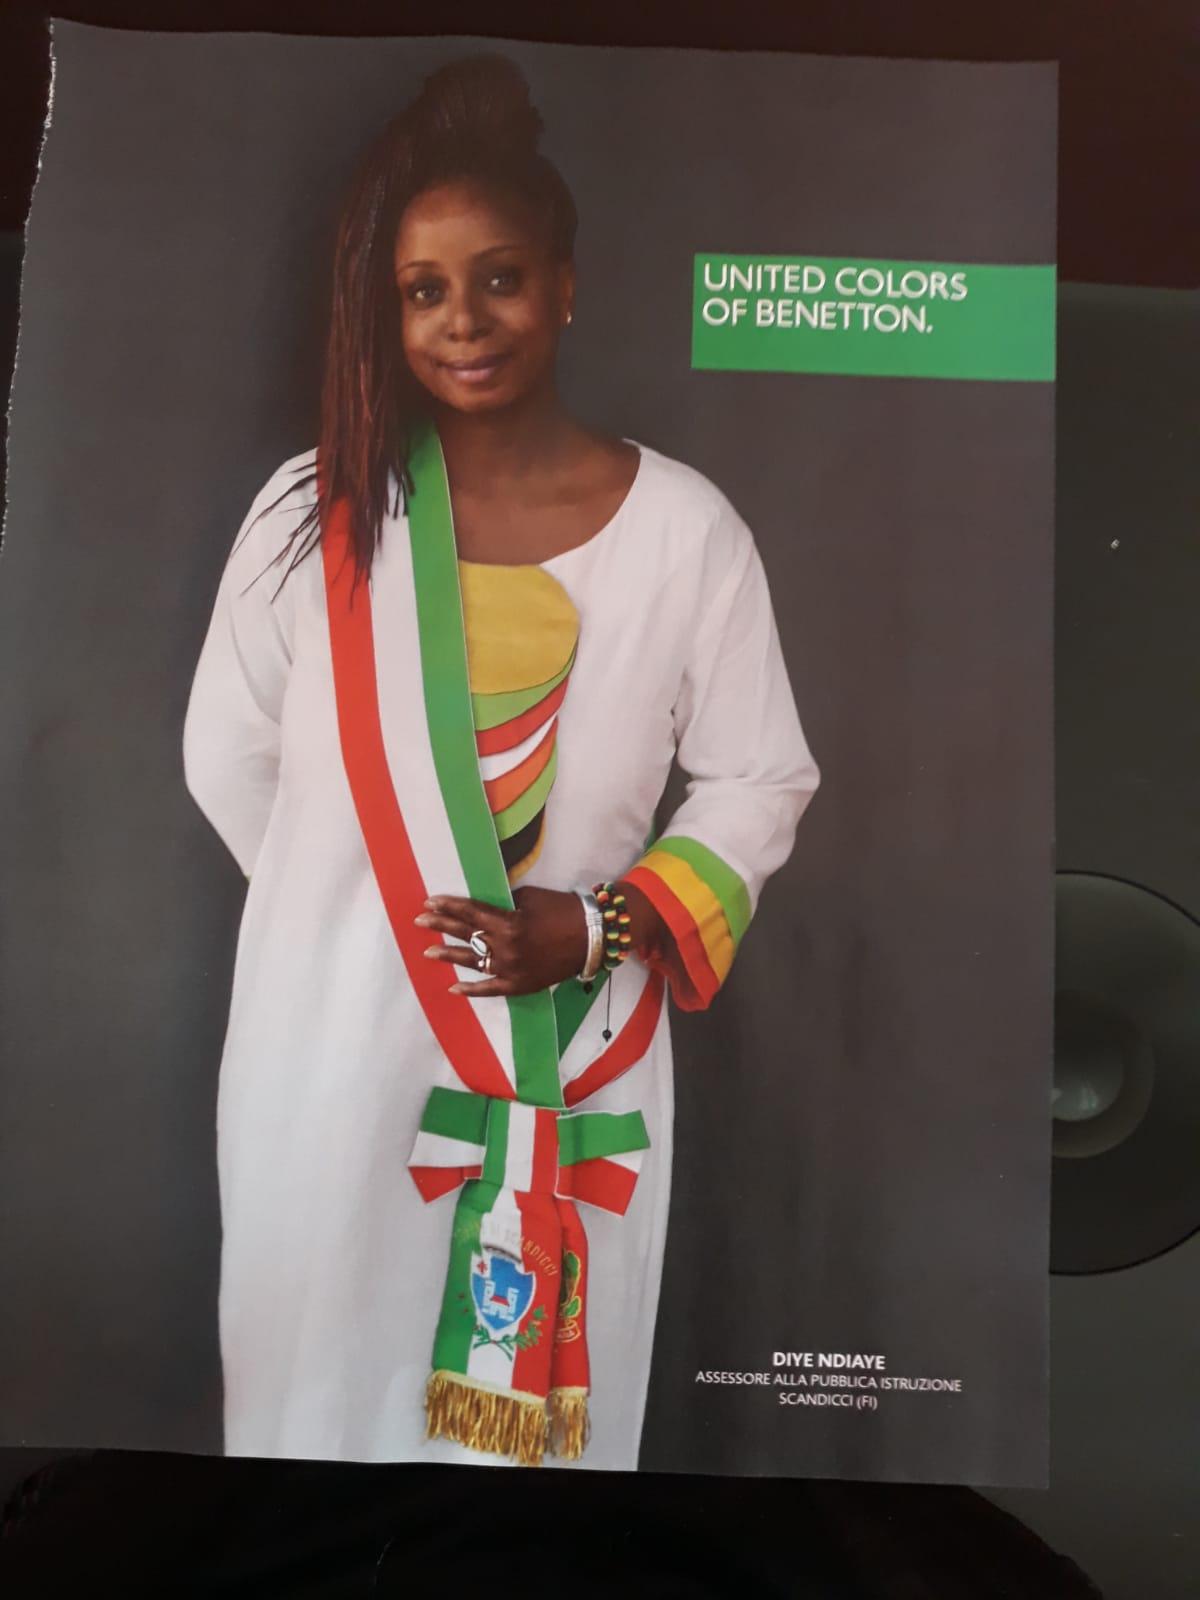 Assessore Pd posa con la fascia tricolore per uno spot di Benetton